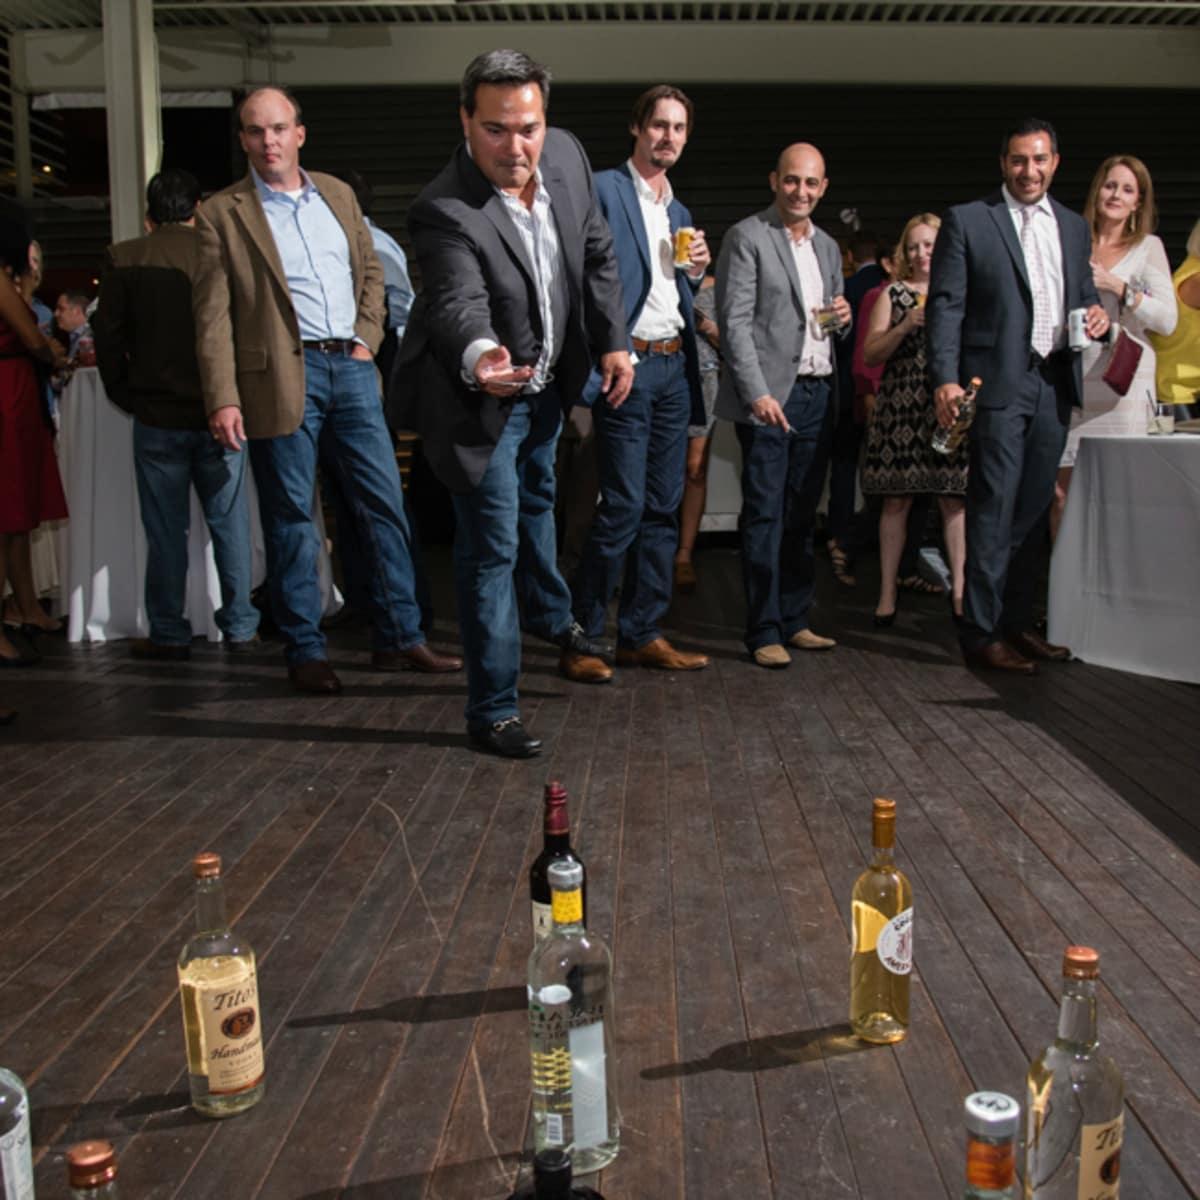 NCMEC Texas Heroes for Children Gala 2015 liquor bottle ring toss